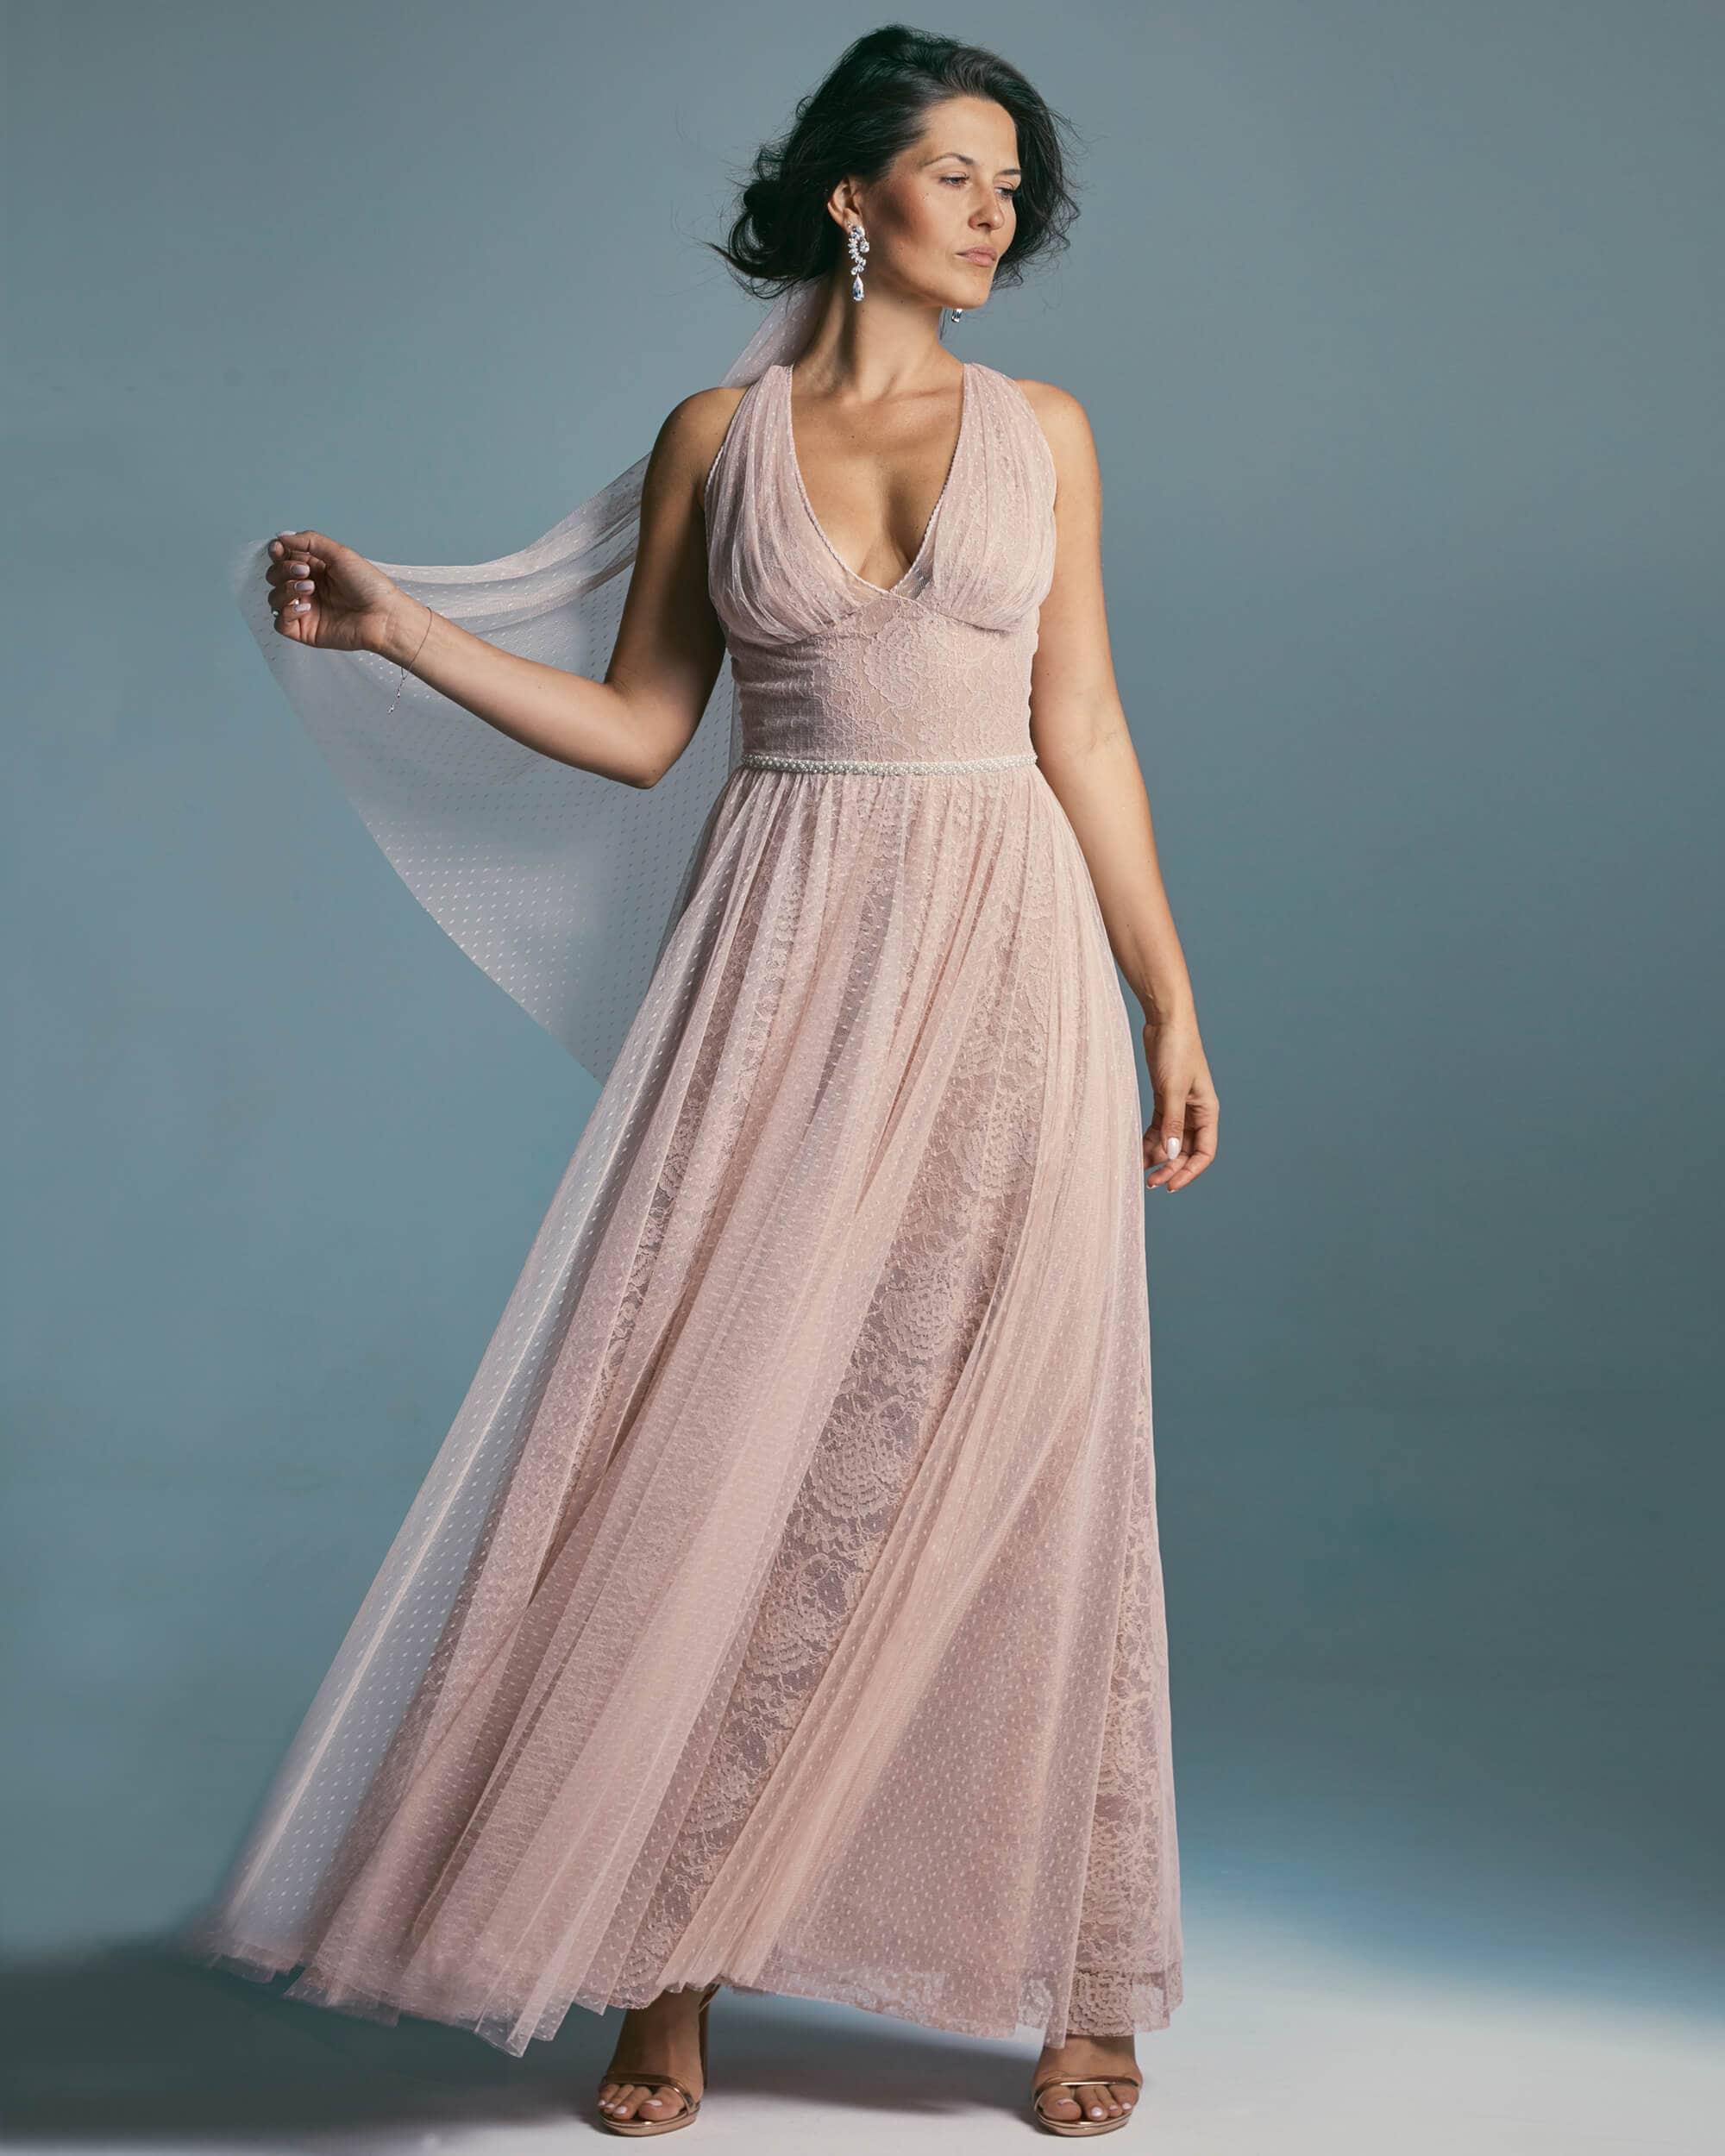 Suknia ślubna w kolorze różu o brzoskwiniowym odcieniu - Venezia 5